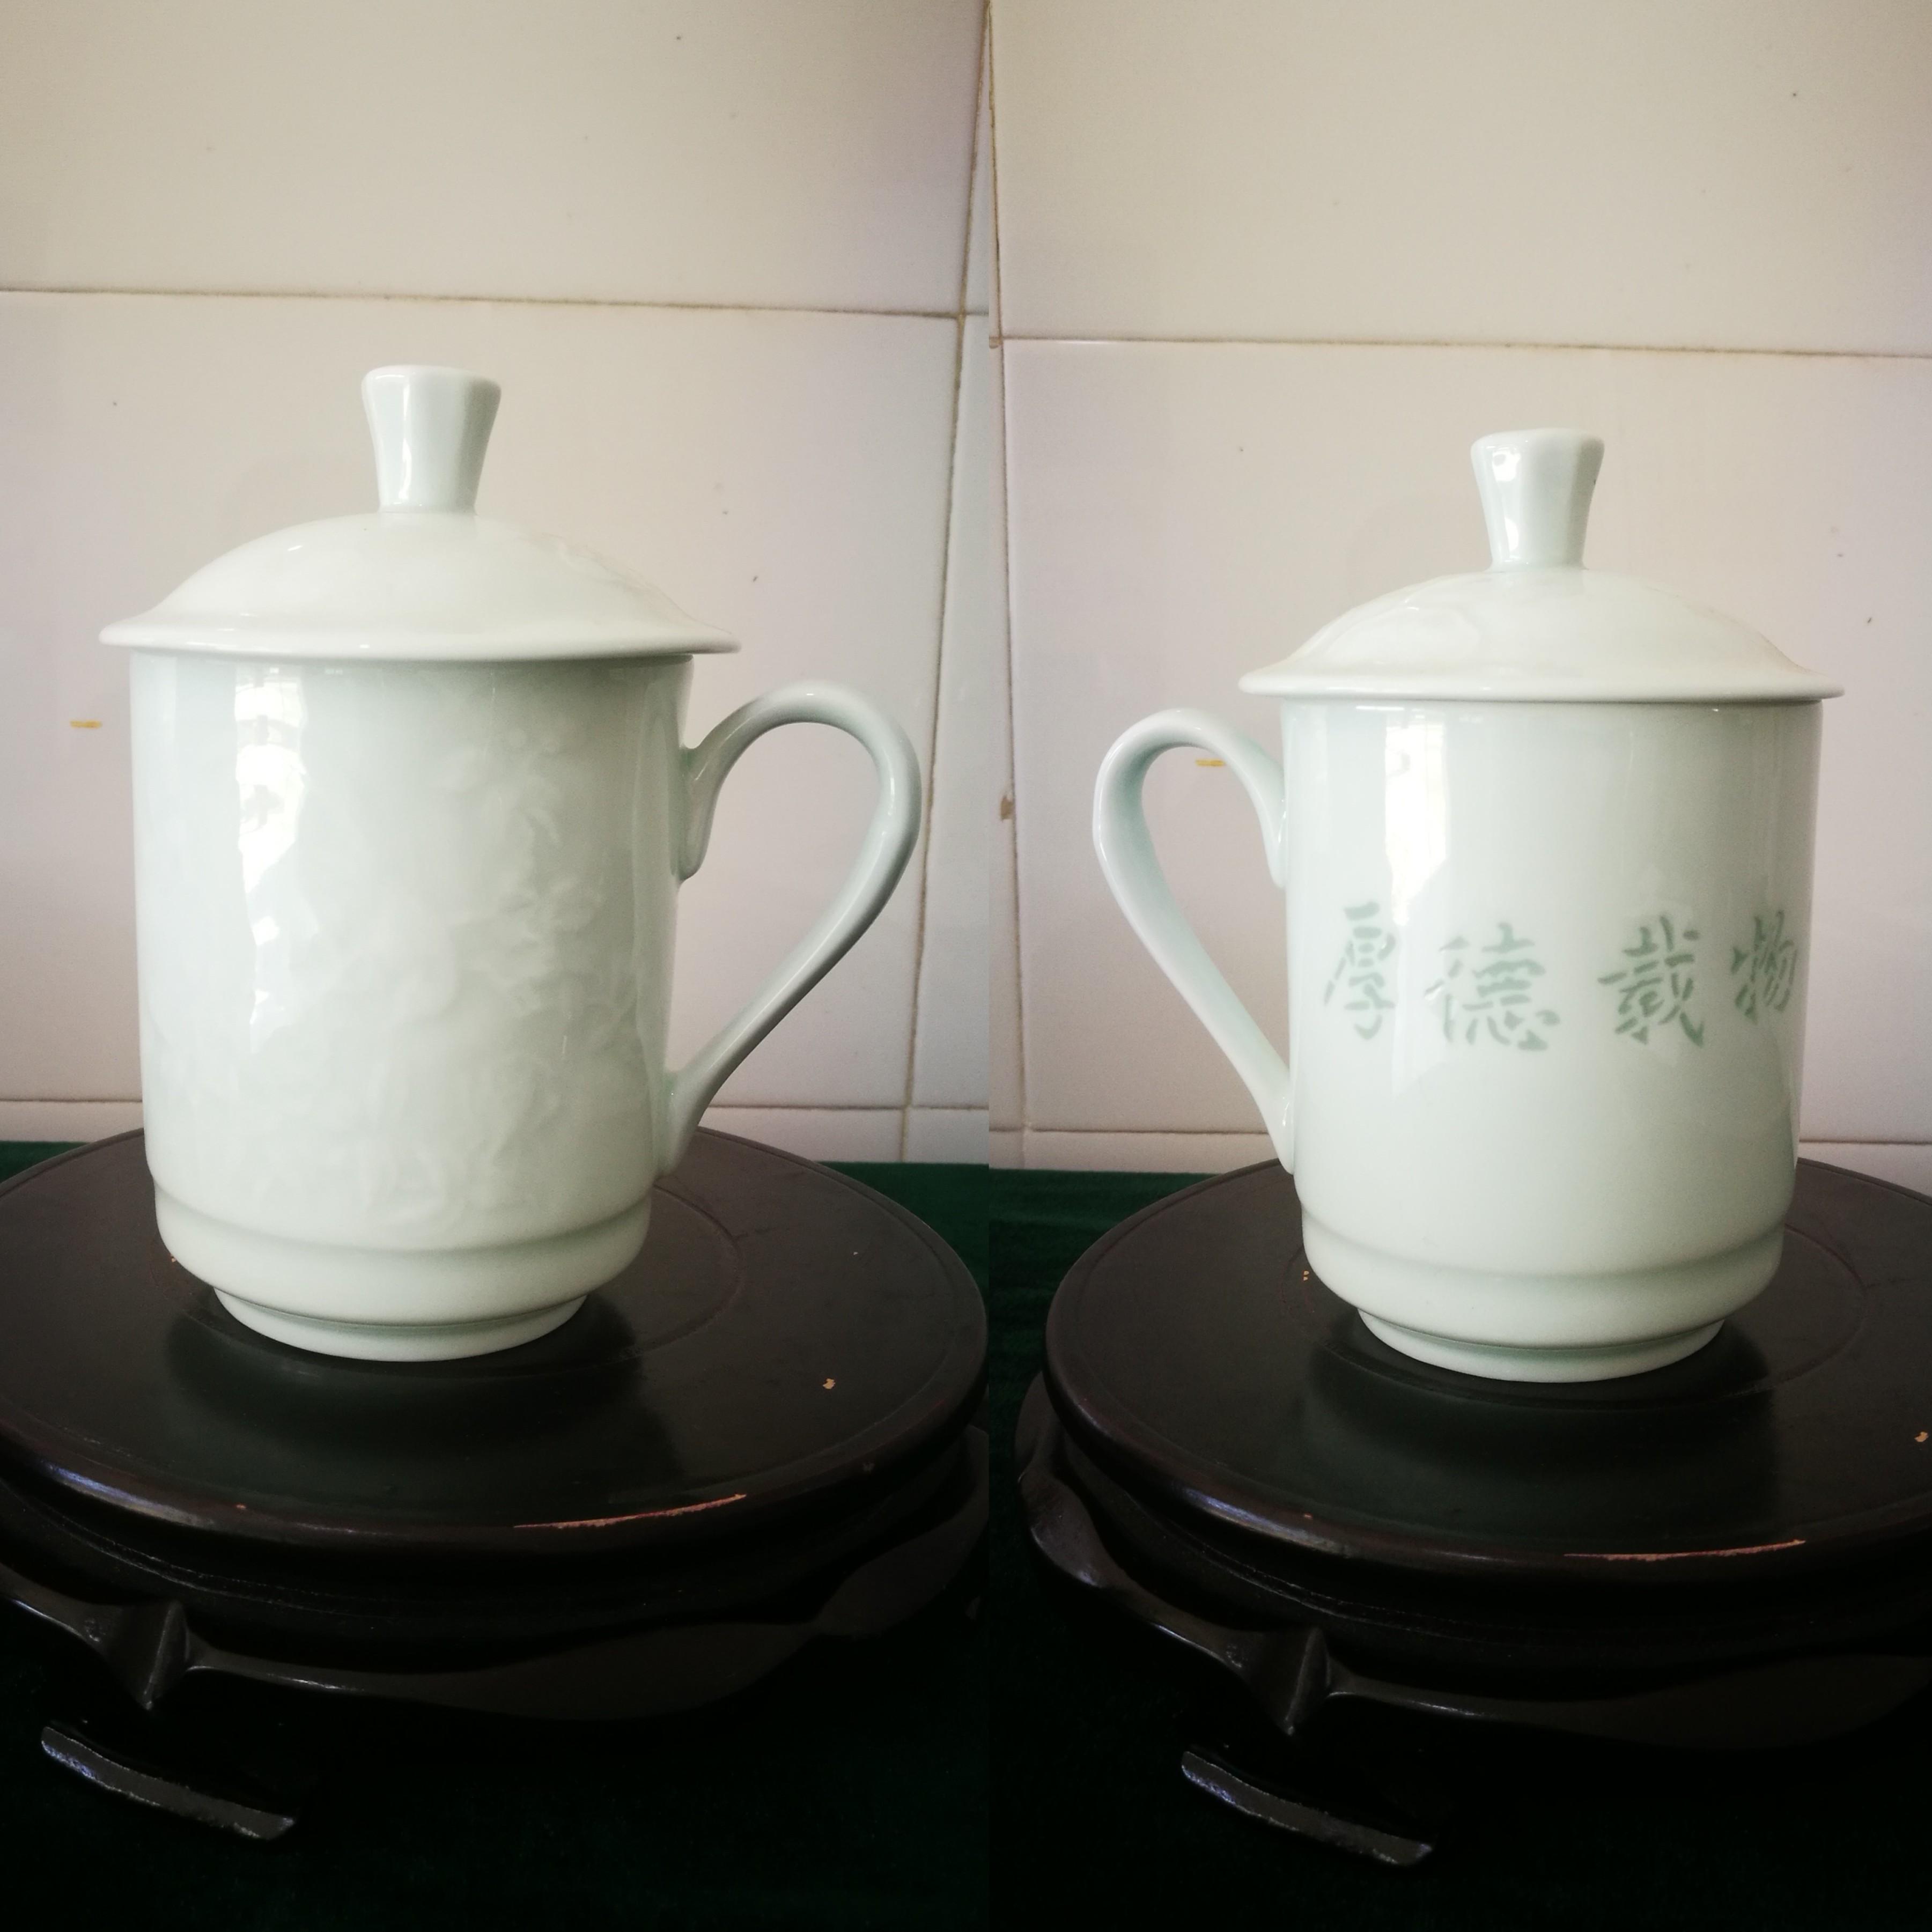 青瓷茶杯(厚德载物)